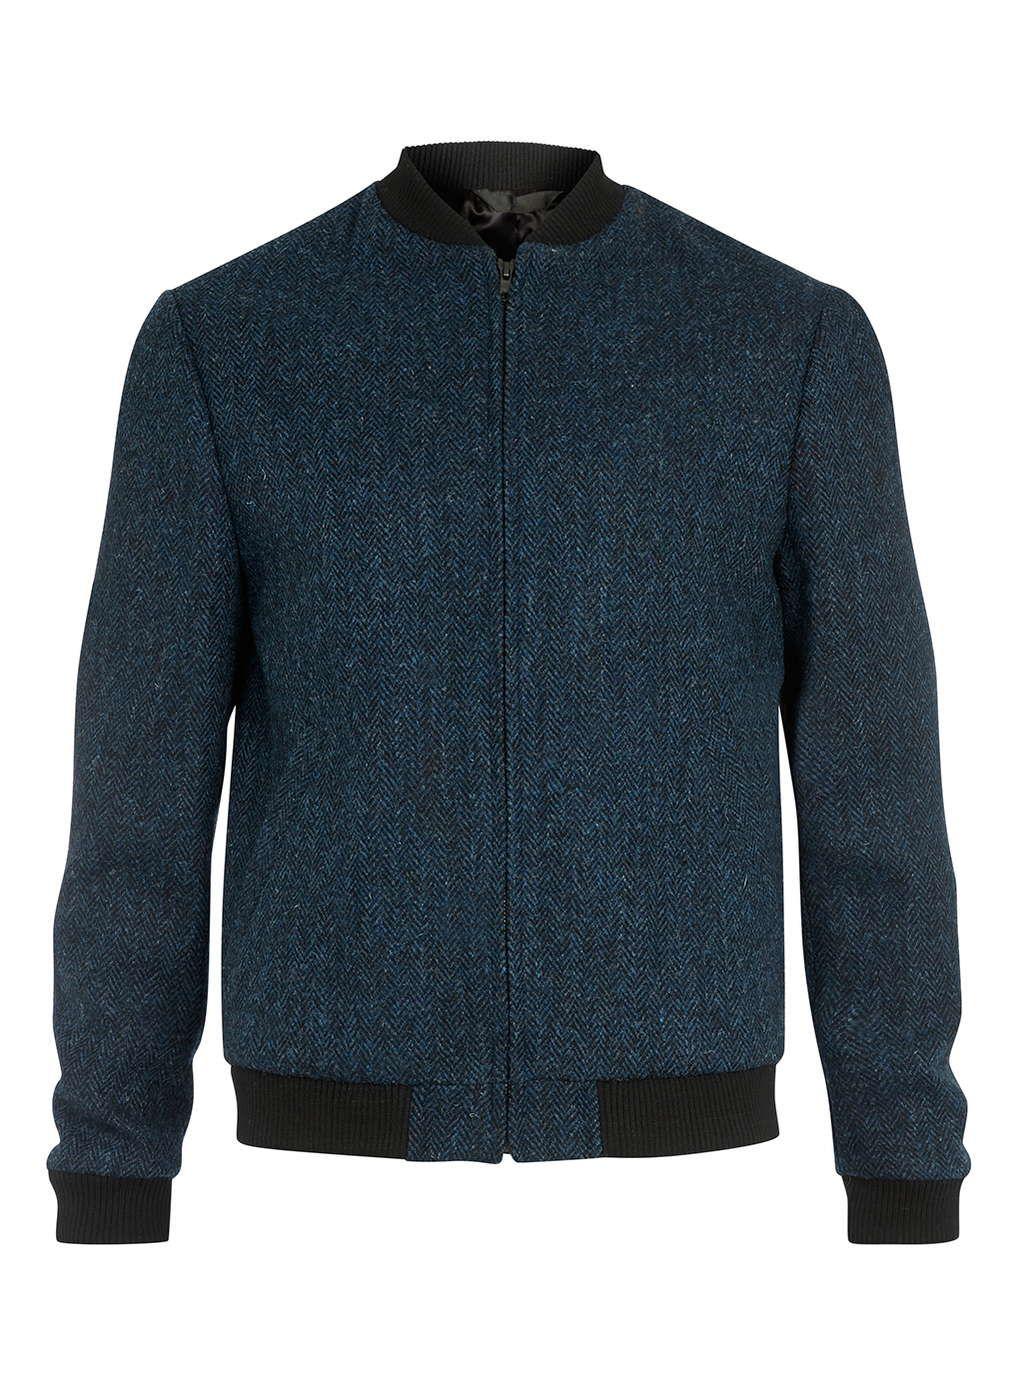 Harris Tweed Blue Pure Wool Bomber Jacket Wool Bomber